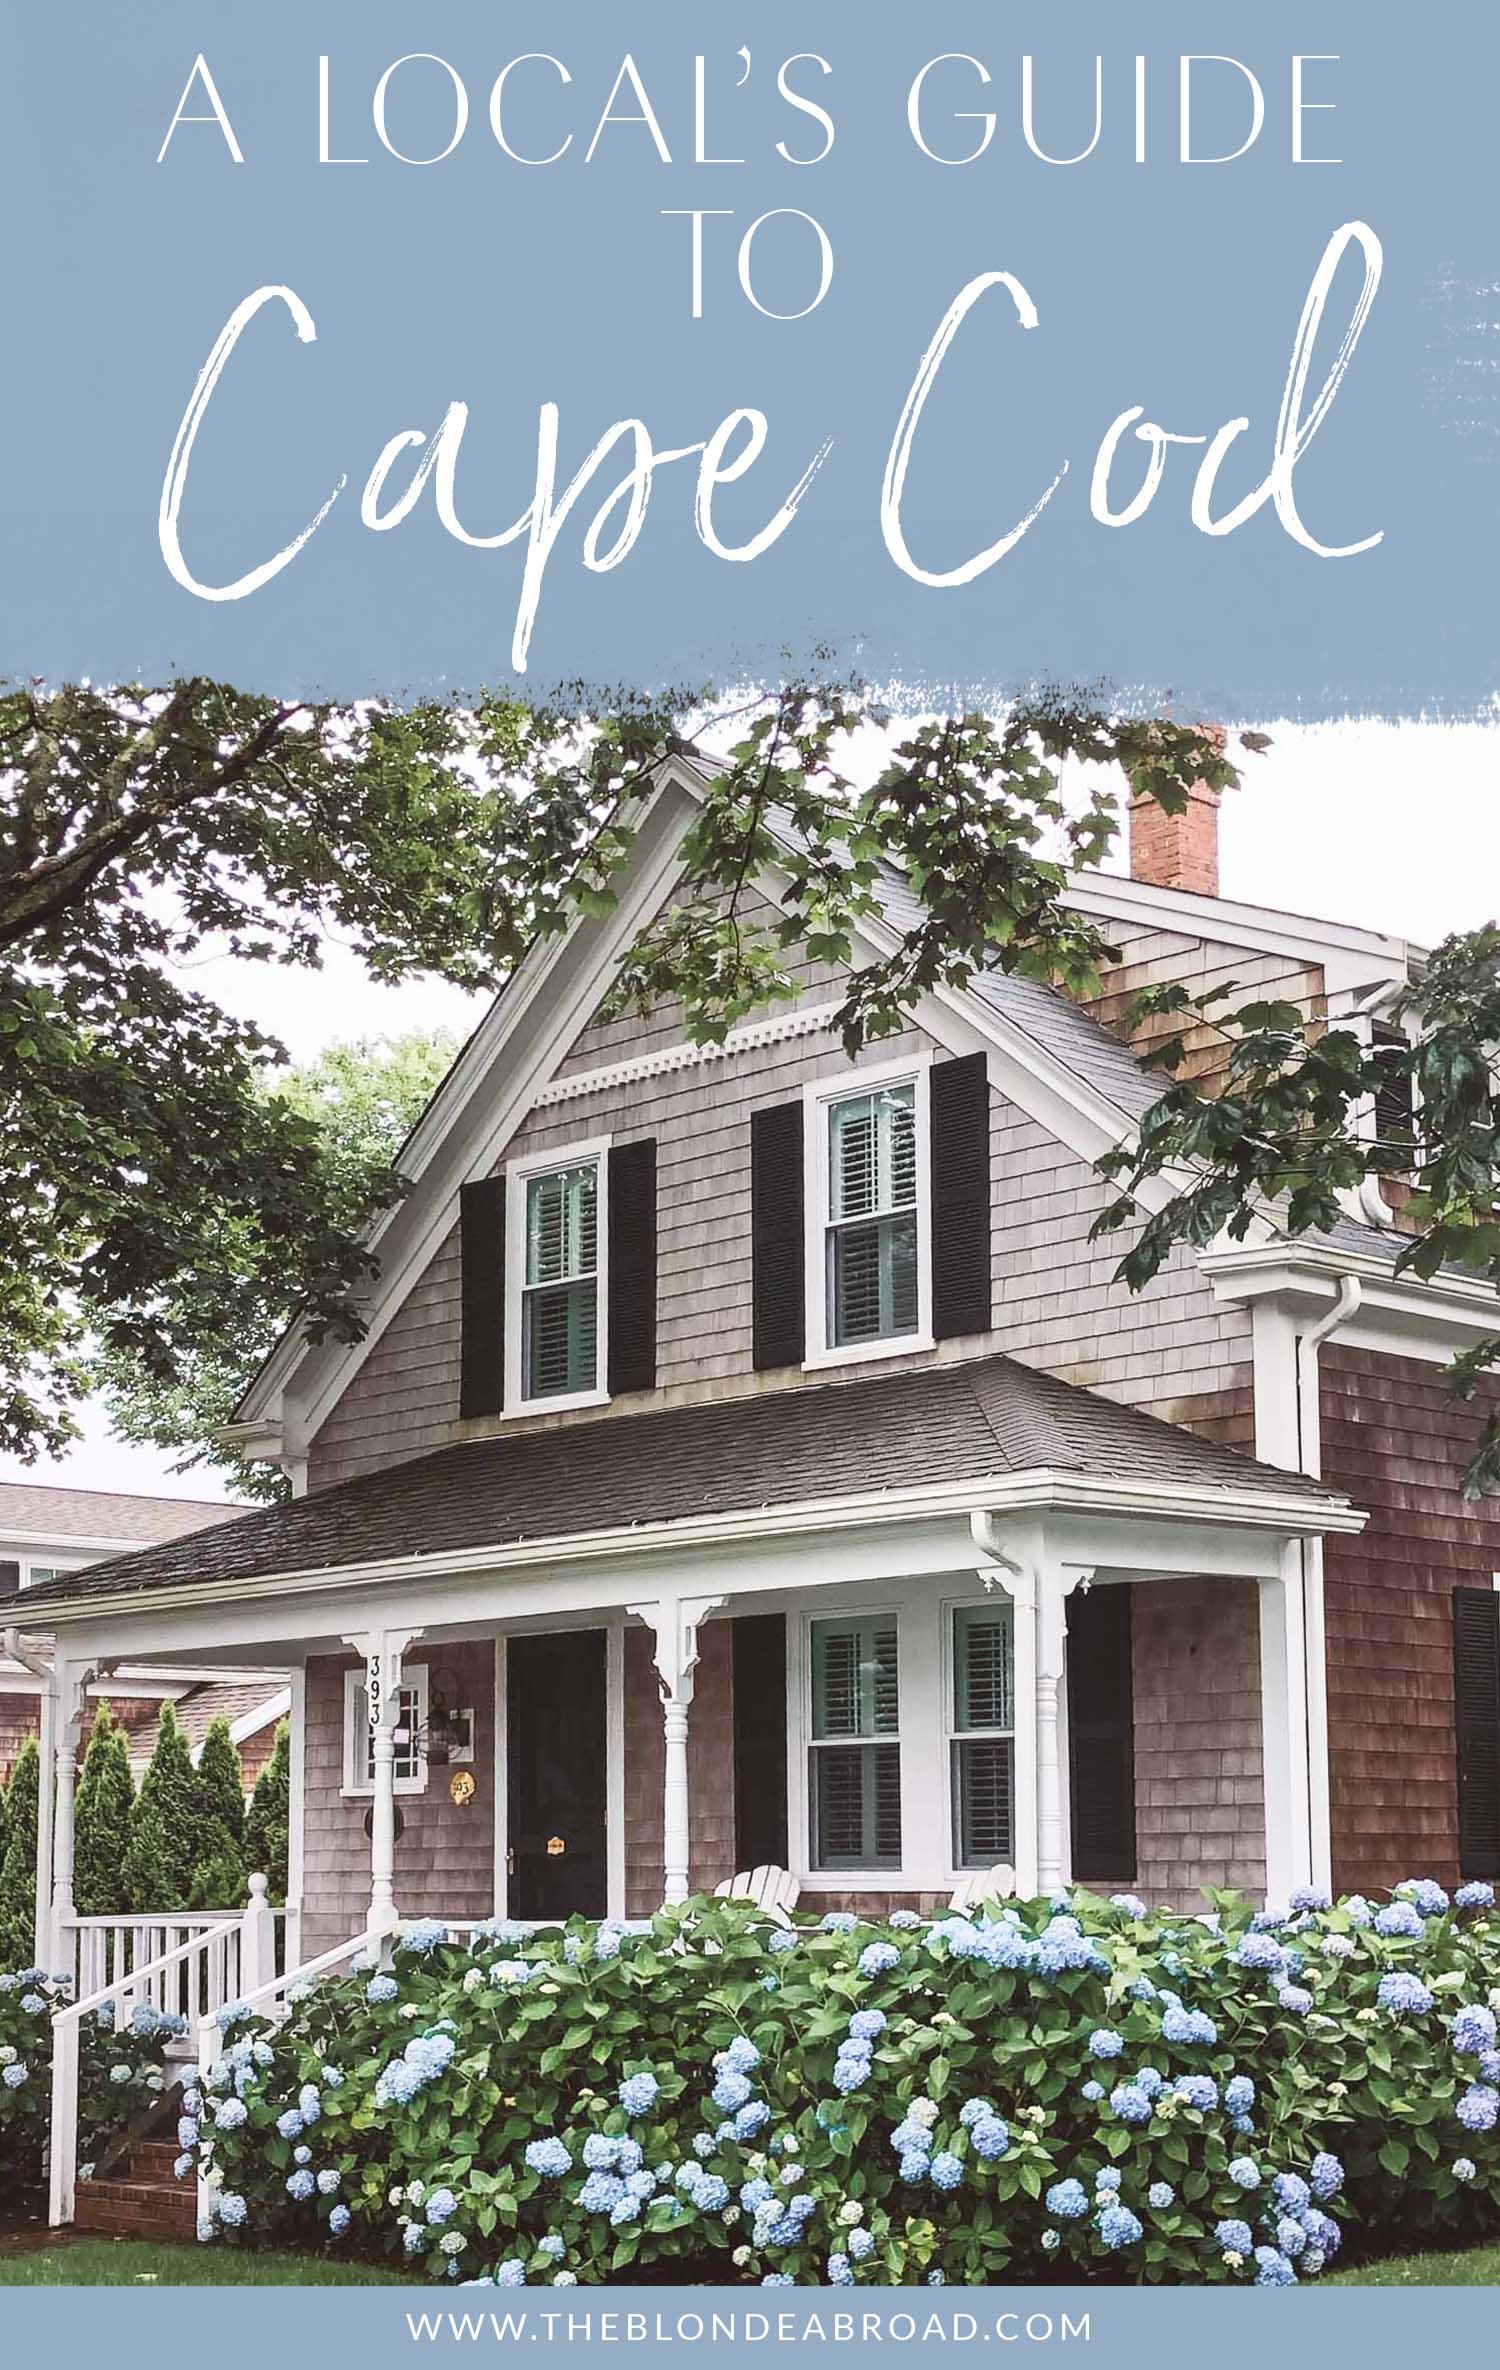 Local's Guide to Cape Cod